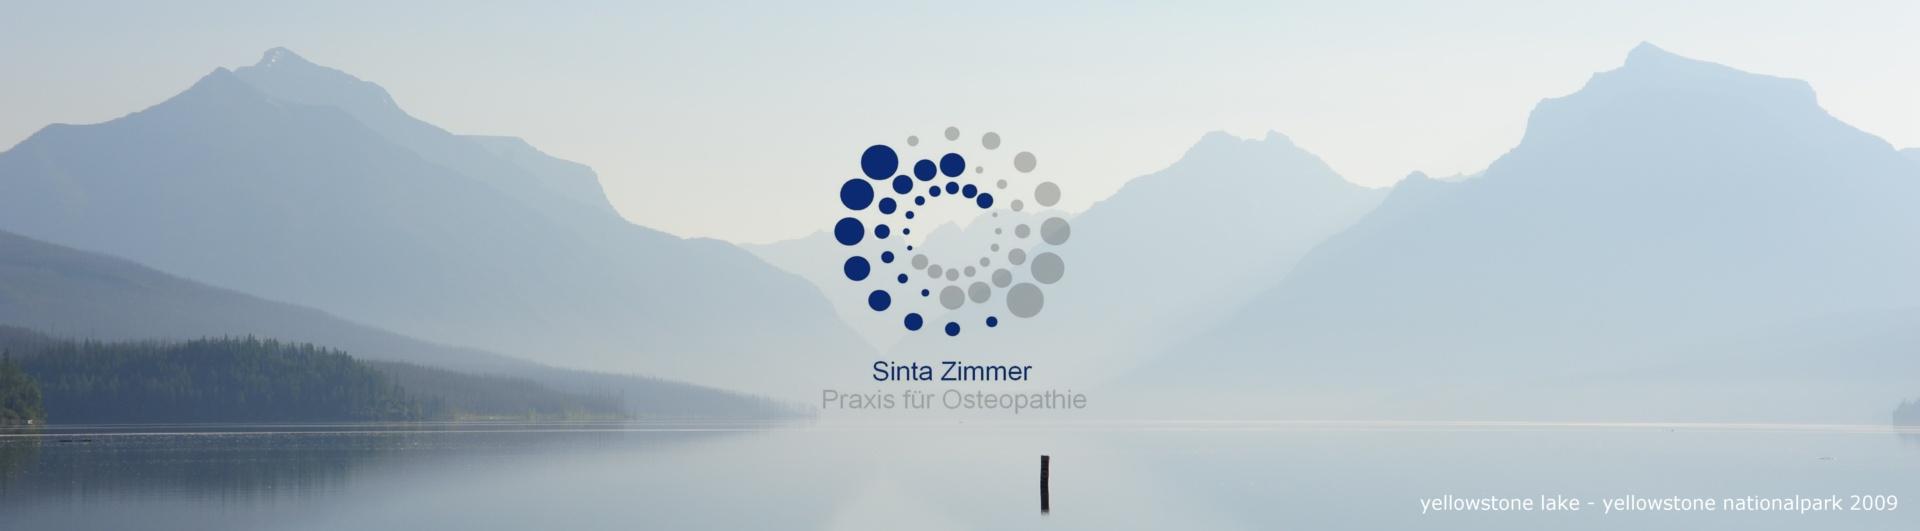 osteopathiepraxis-biberach.de